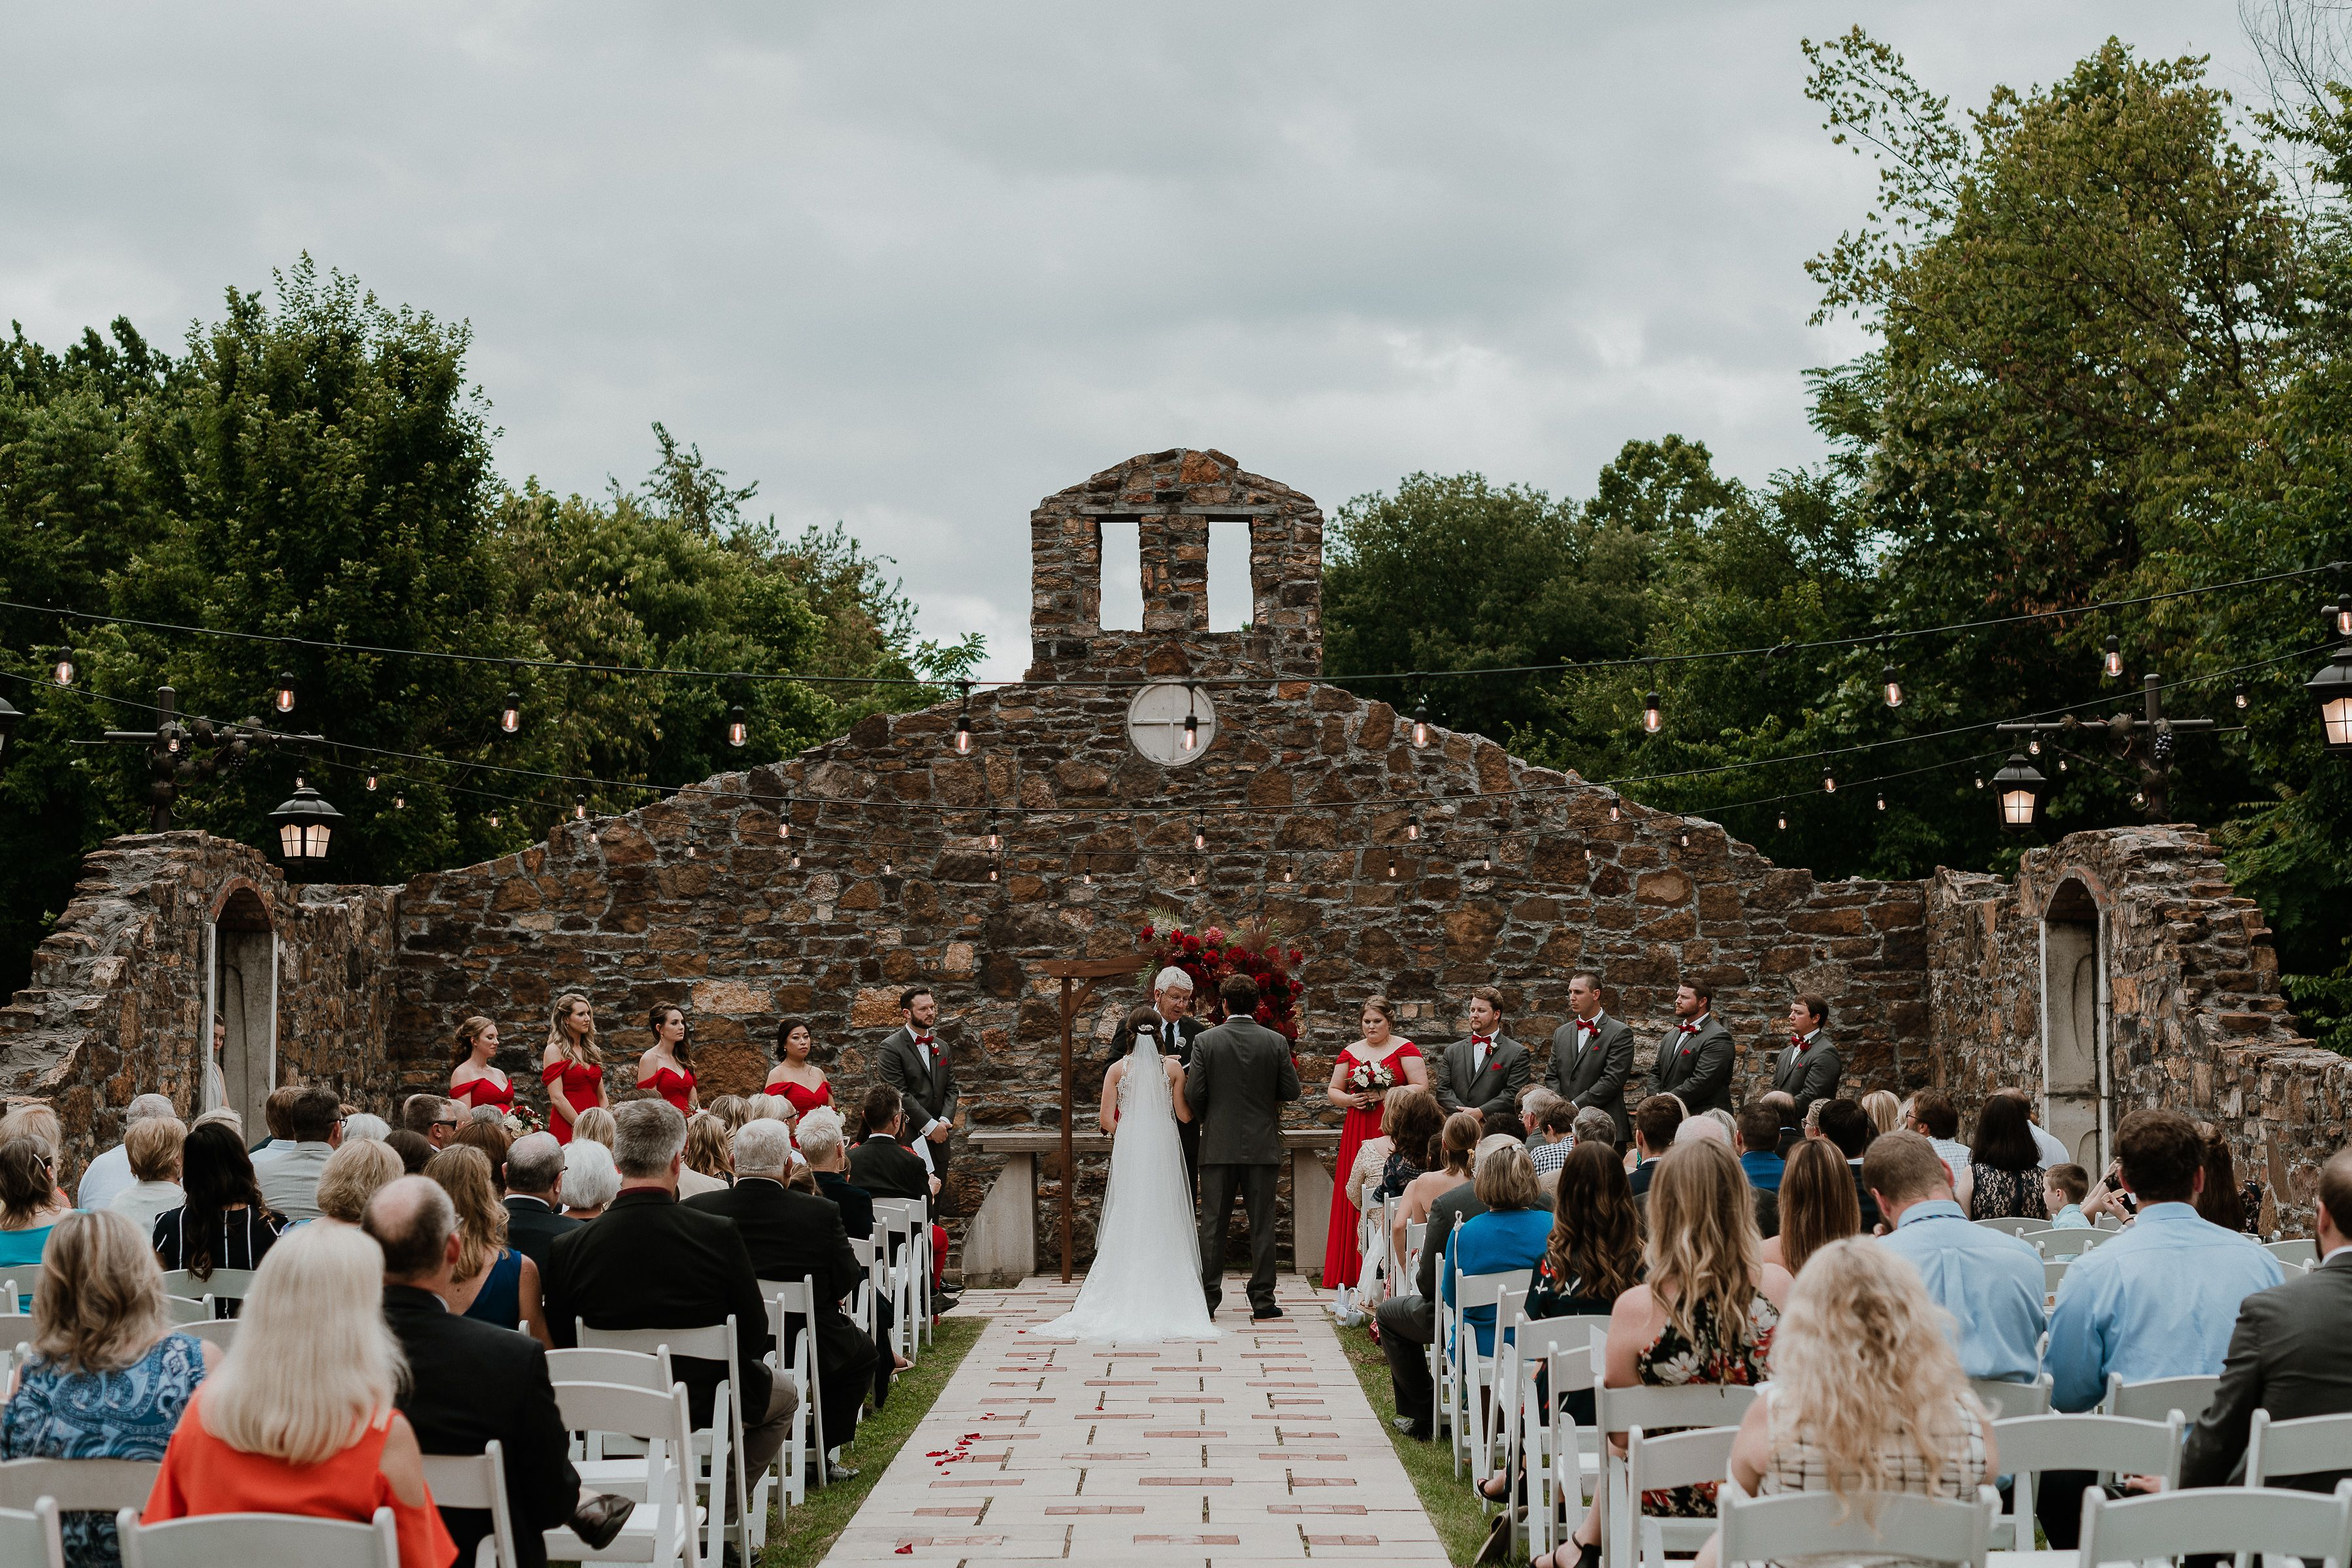 Best Northwest Arkansas Wedding Venues Sassafras Springs Vineyard Arkansas Wedding Photo In 2020 Arkansas Wedding Venues Arkansas Wedding Northwest Arkansas Weddings